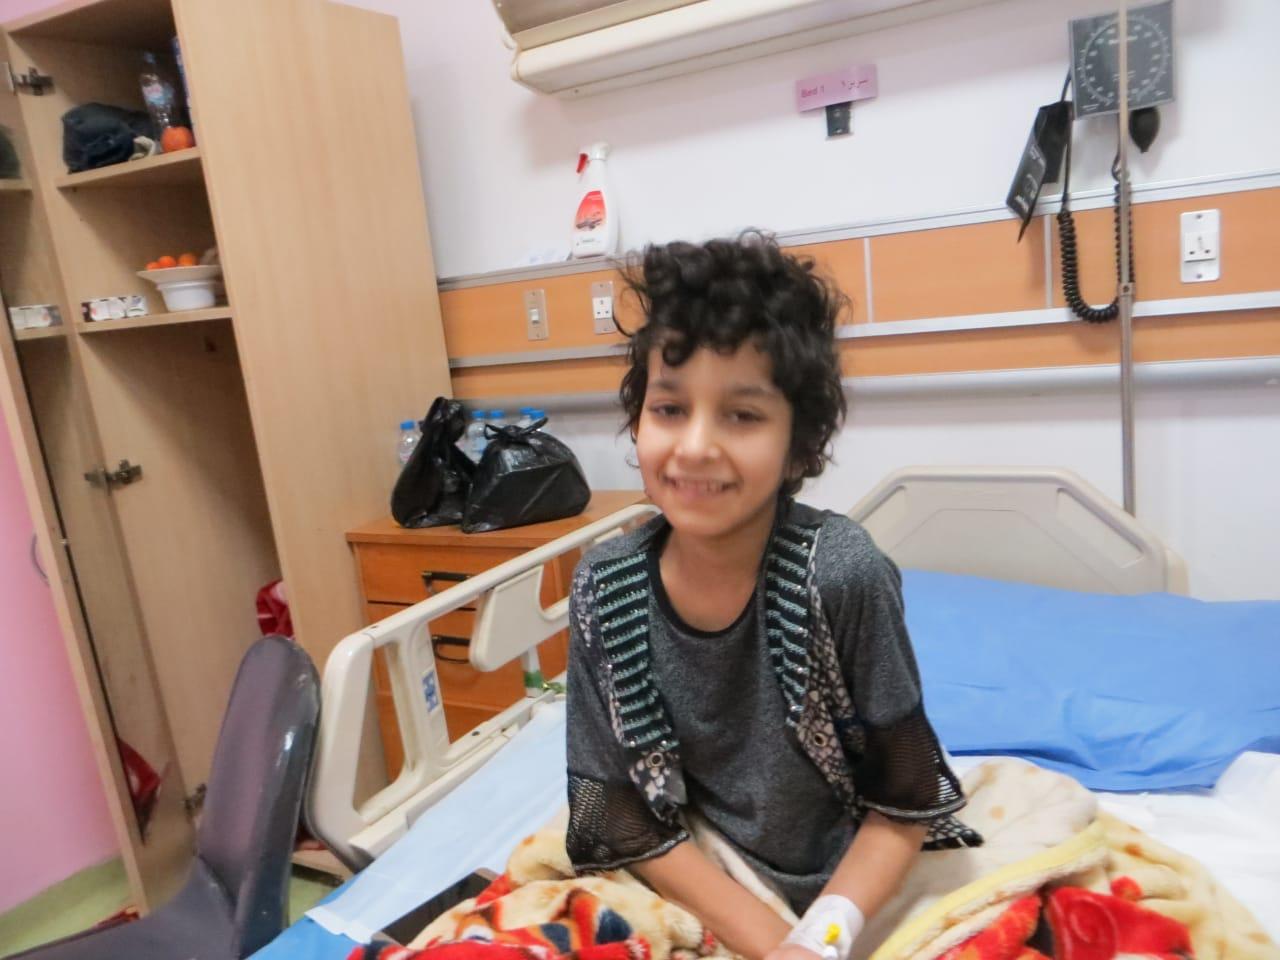 وفد من جمعية وادي الرافدين الثقافية يزور مستشفى البصرة التخصصي للاطفال